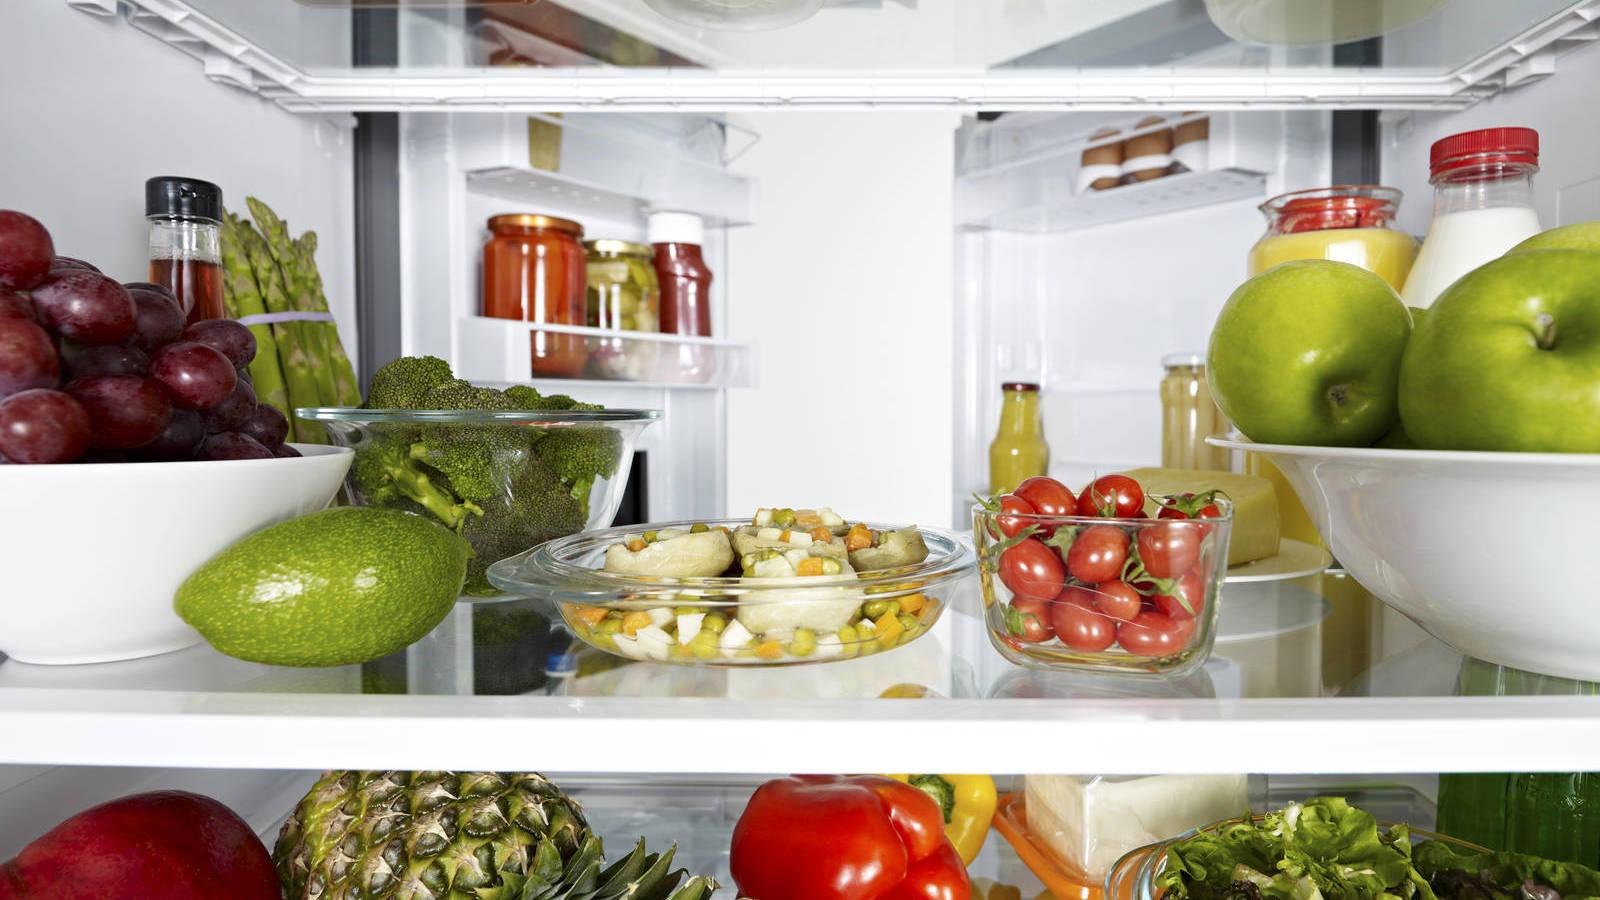 10 alimentos que no debes meter en la nevera